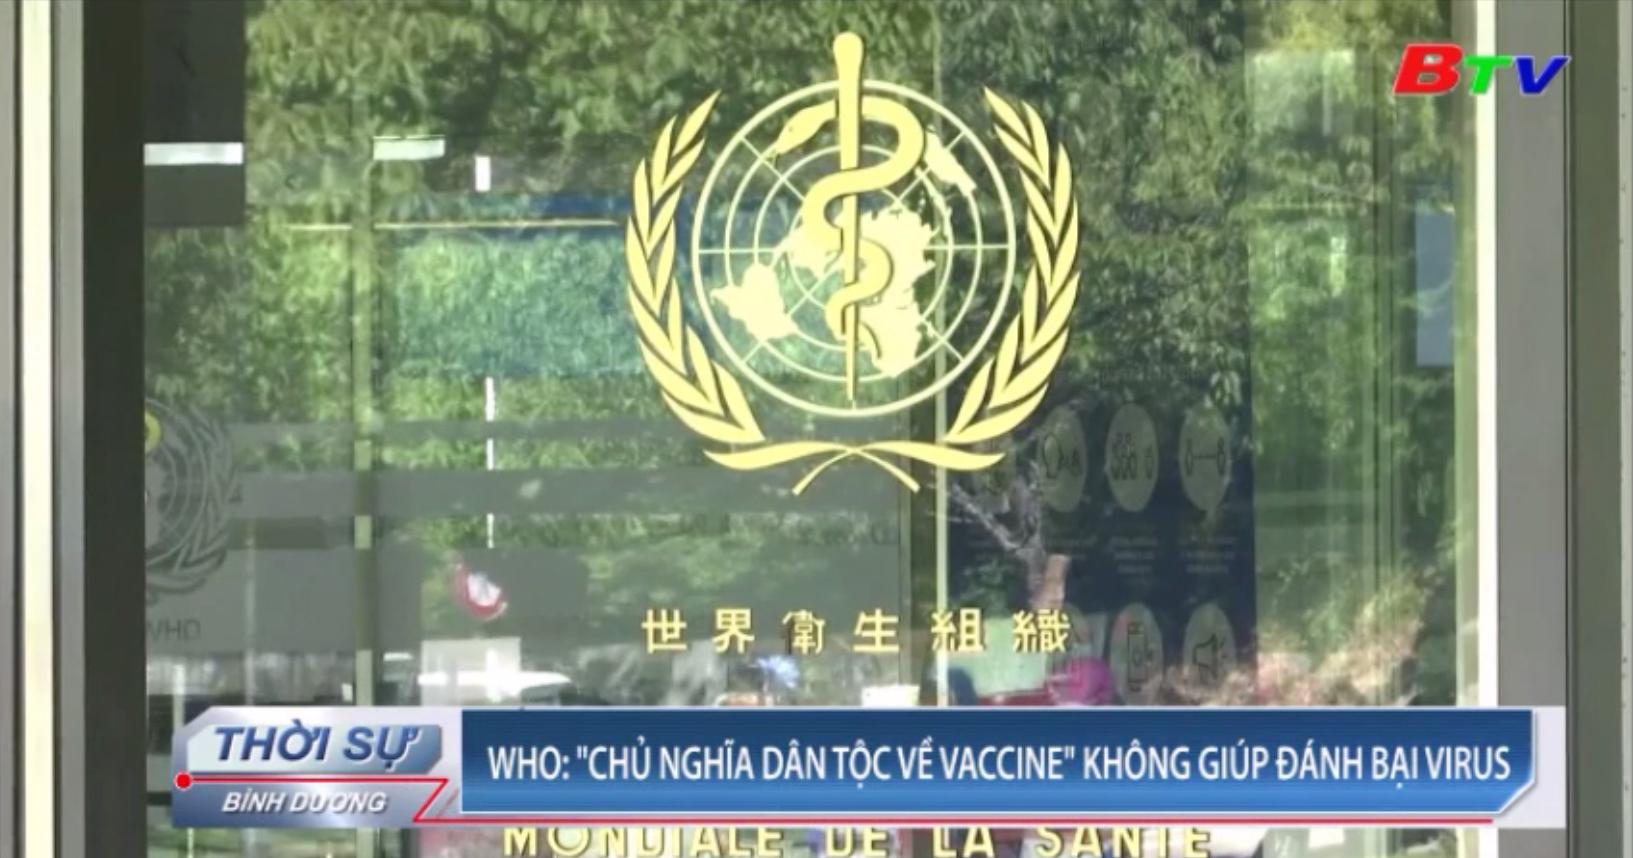 """WHO - """"Chủ nghĩa dân tộc về vaccine"""" không giúp đánh bại virus"""